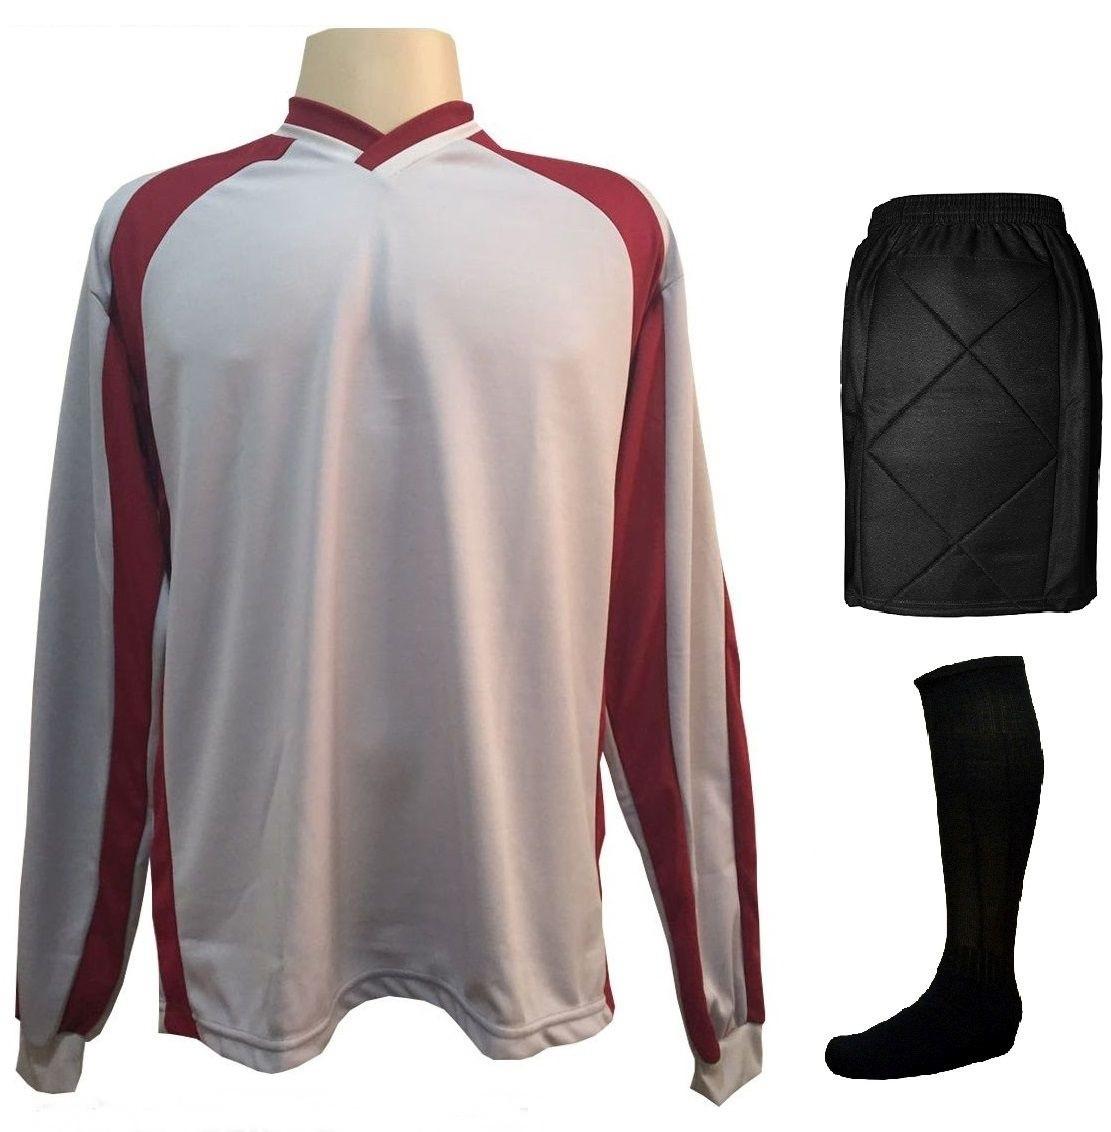 Fardamento Completo modelo City 18+1 (18 Camisas Vermelho/Branco + 18 Calções Copa Vermelho/Branco + 18 Pares de Meiões Vermelhos + 1 Conjunto de Goleiro) + Brindes